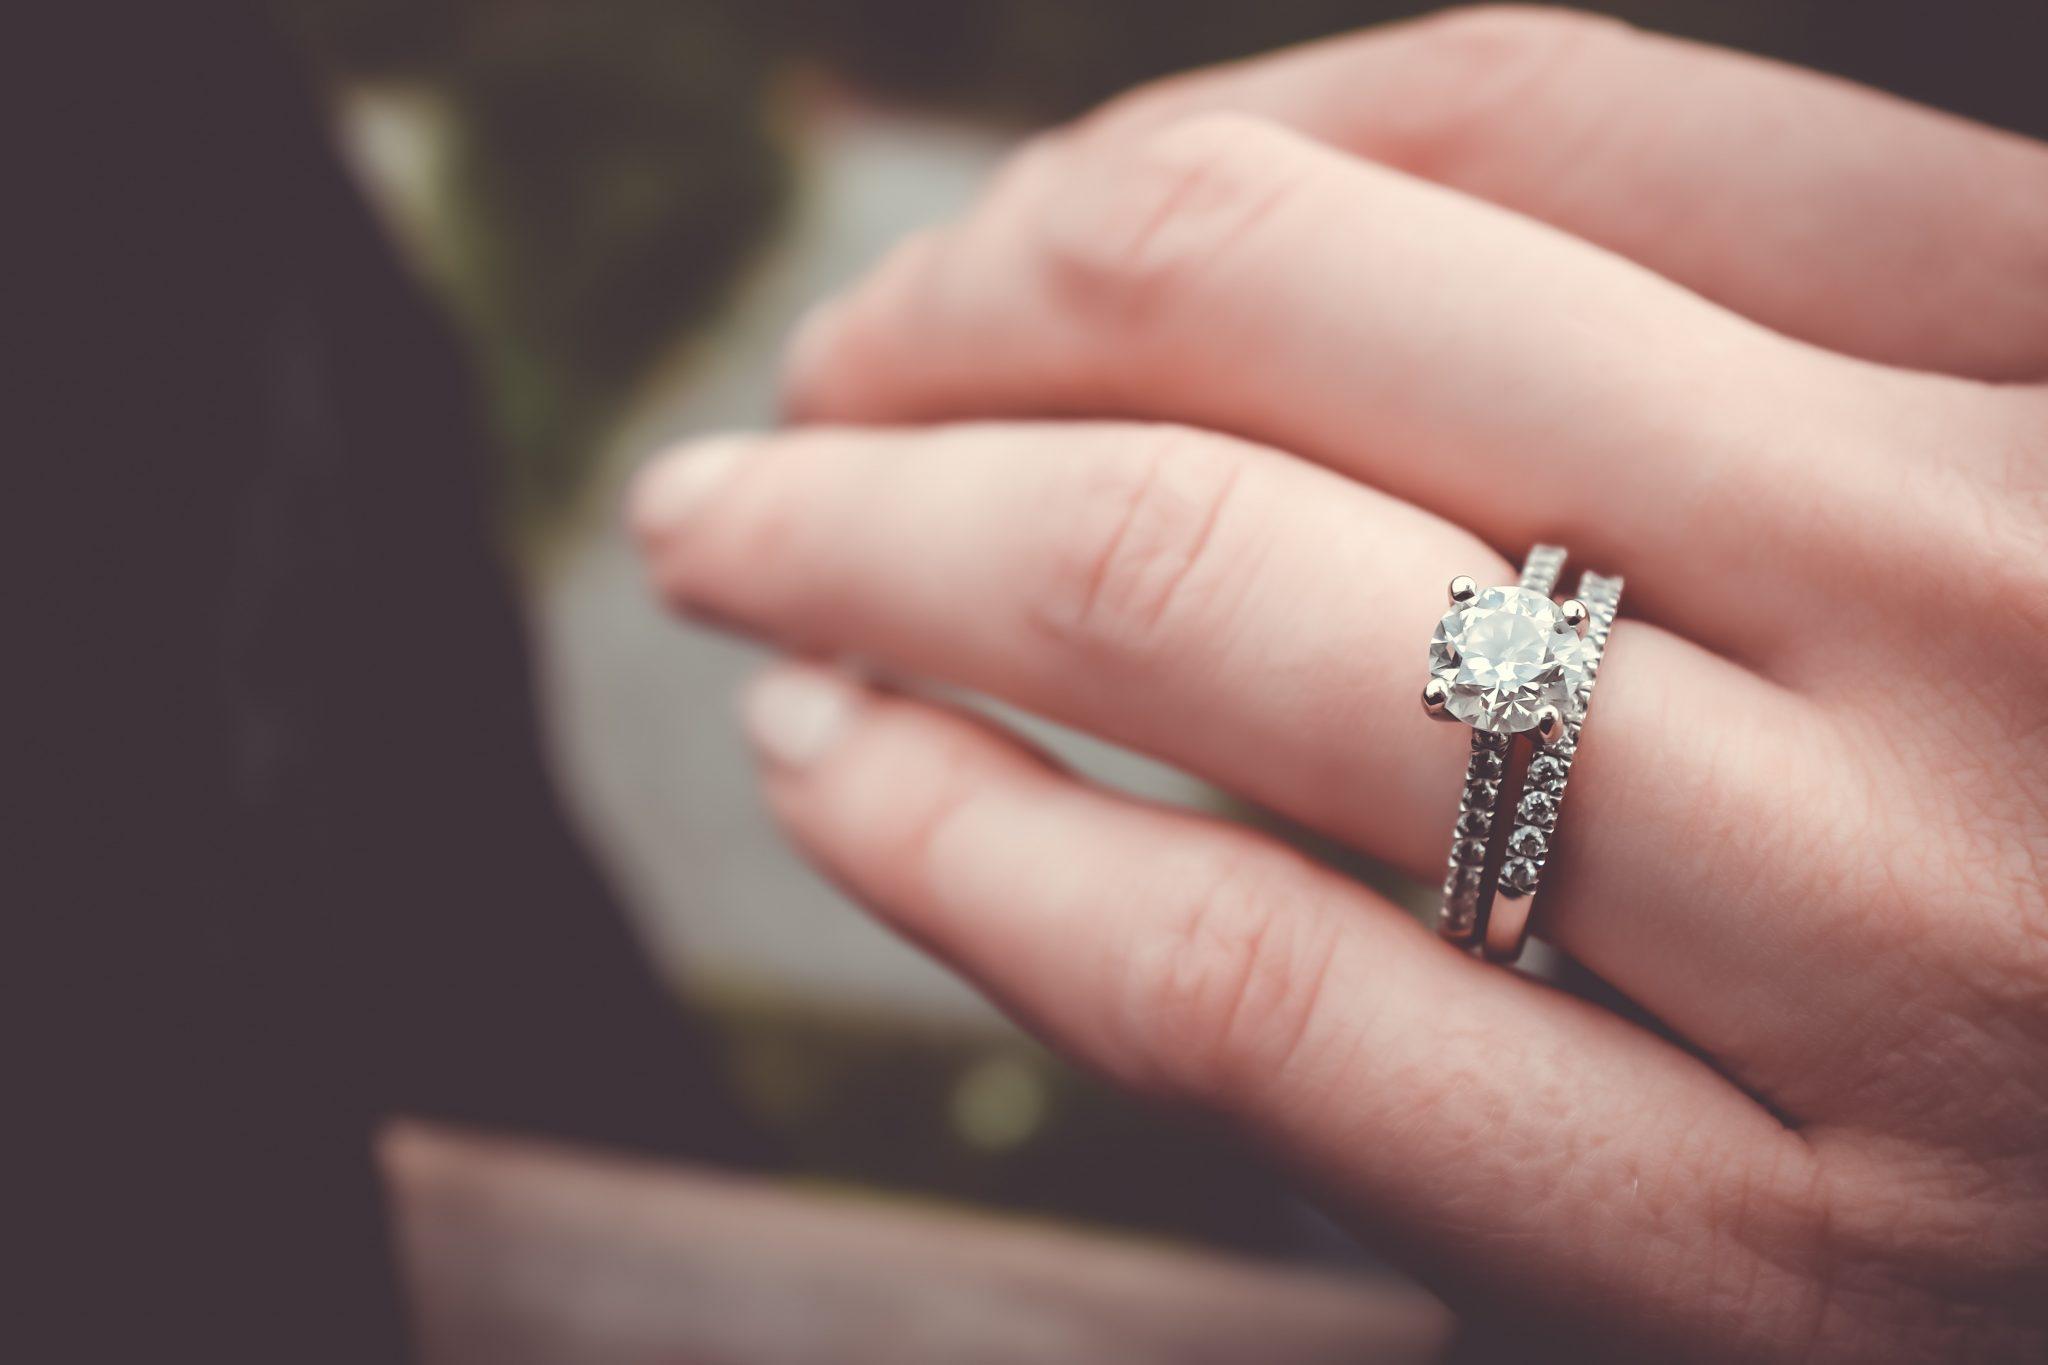 Jak vybrat správnou velikost zásnubního prstenu